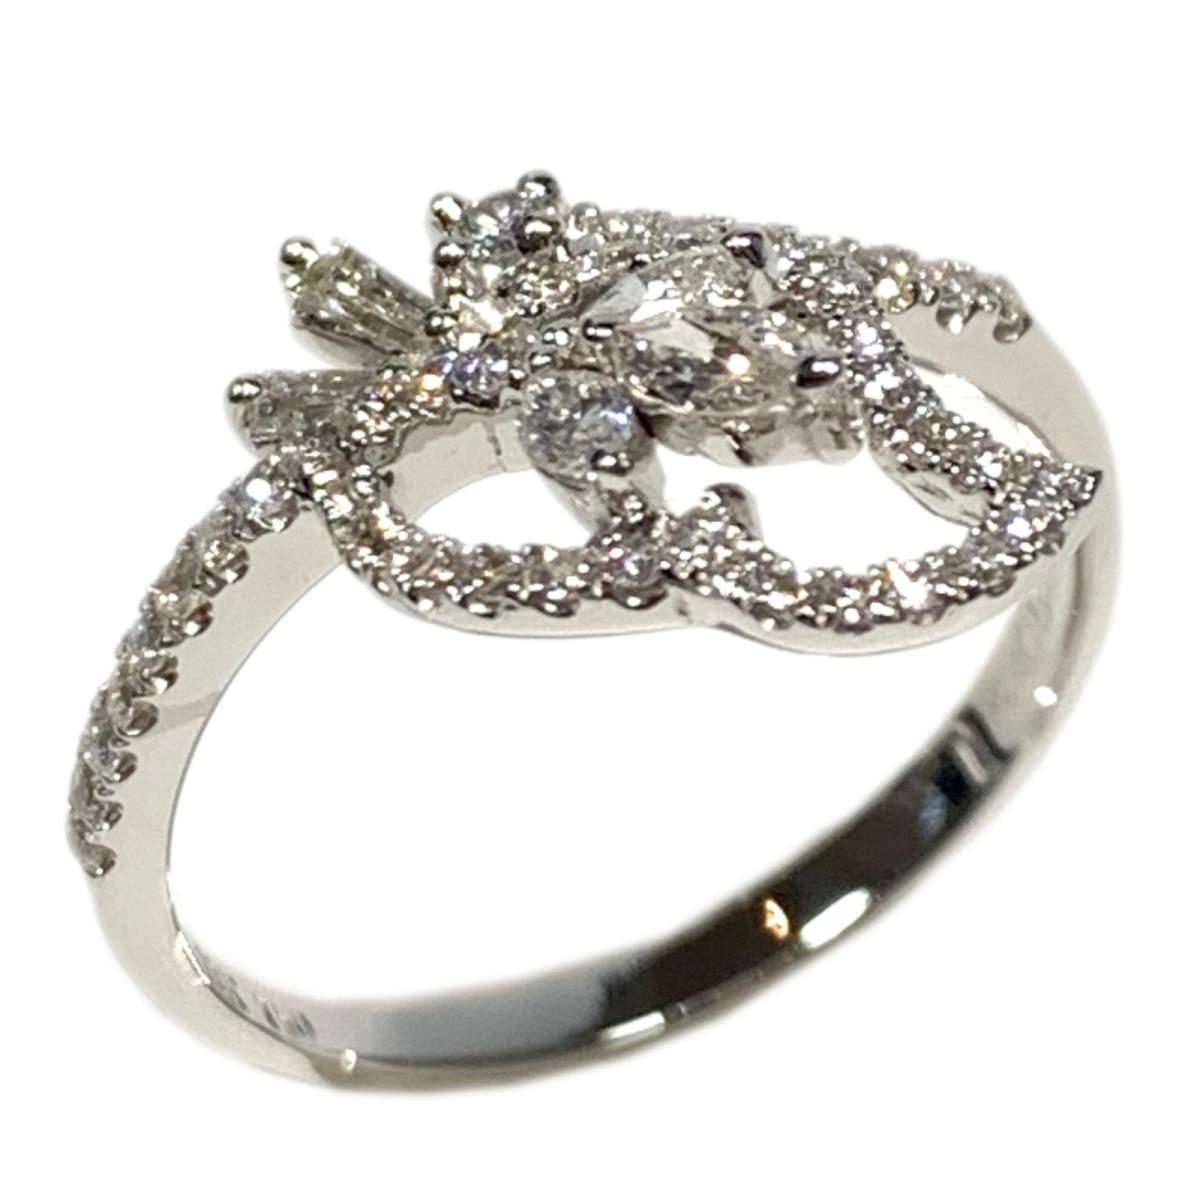 ジュエリー ダイヤモンド リング 指輪 ノーブランドジュエリー レディース K18WG (750) ホワイトゴールド x 0.52ct シルバー 【中古】 | JEWELRY BRANDOFF ブランドオフ ブランド アクセサリー